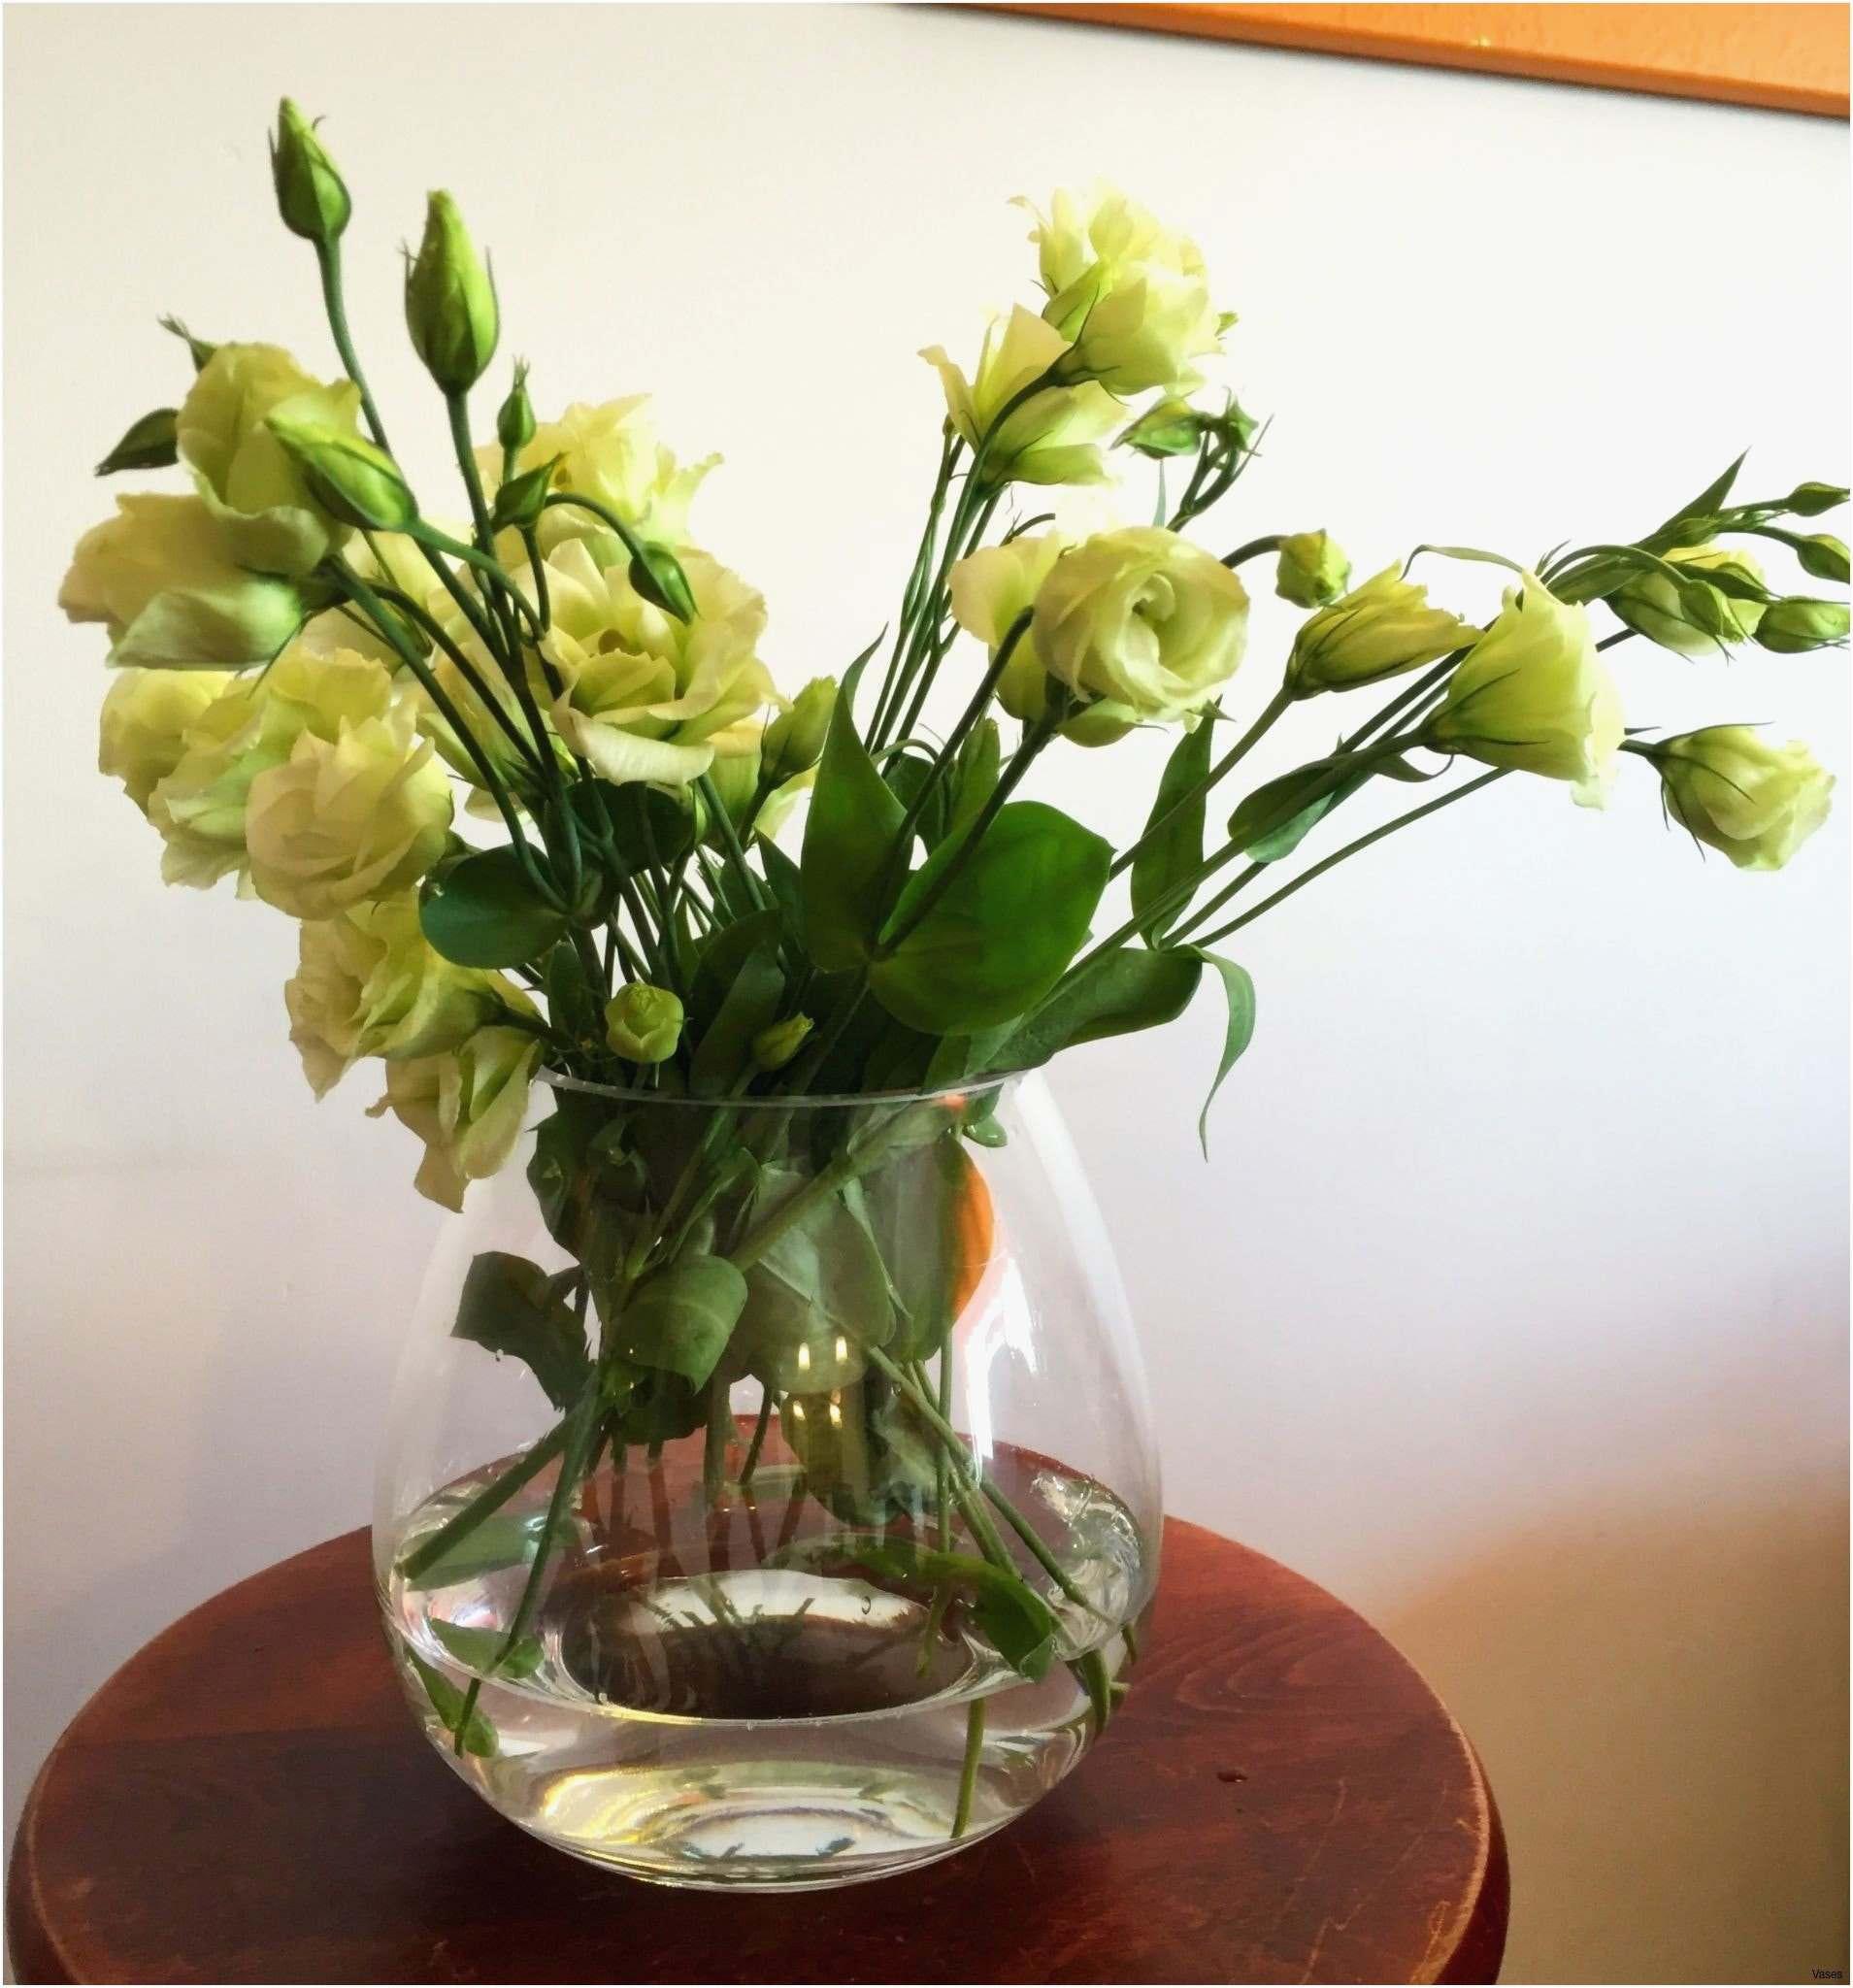 crystal flower vases wholesale of cheap florist new design cheap flower female buy quality flower girl inside cheap florist new cheap flowers fantastic flower vase table 04h vases tablei 0d fresh